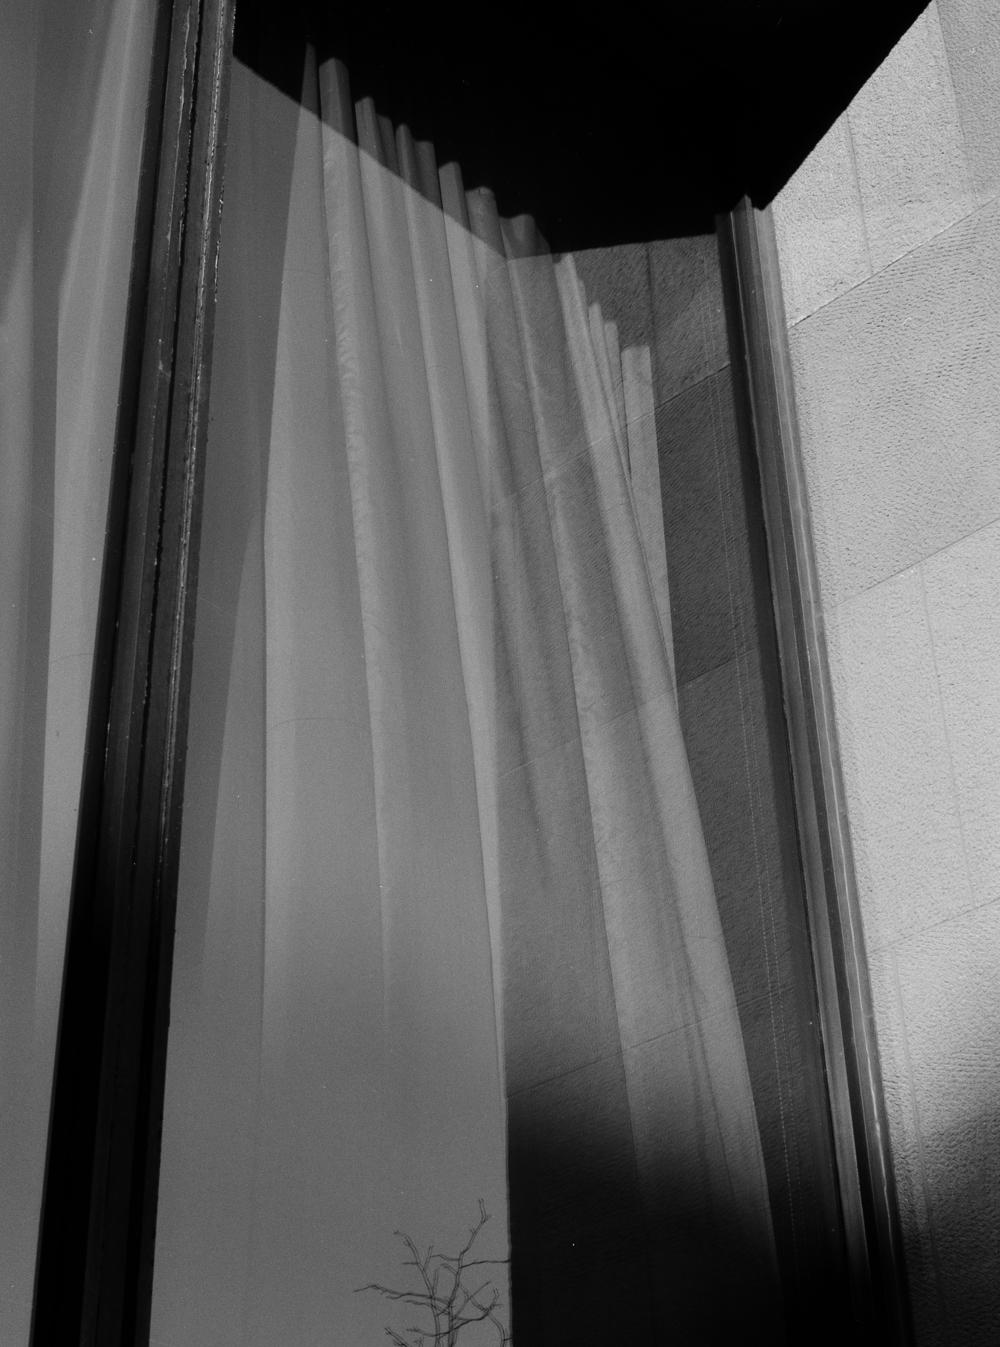 shadowstudy_022.jpg